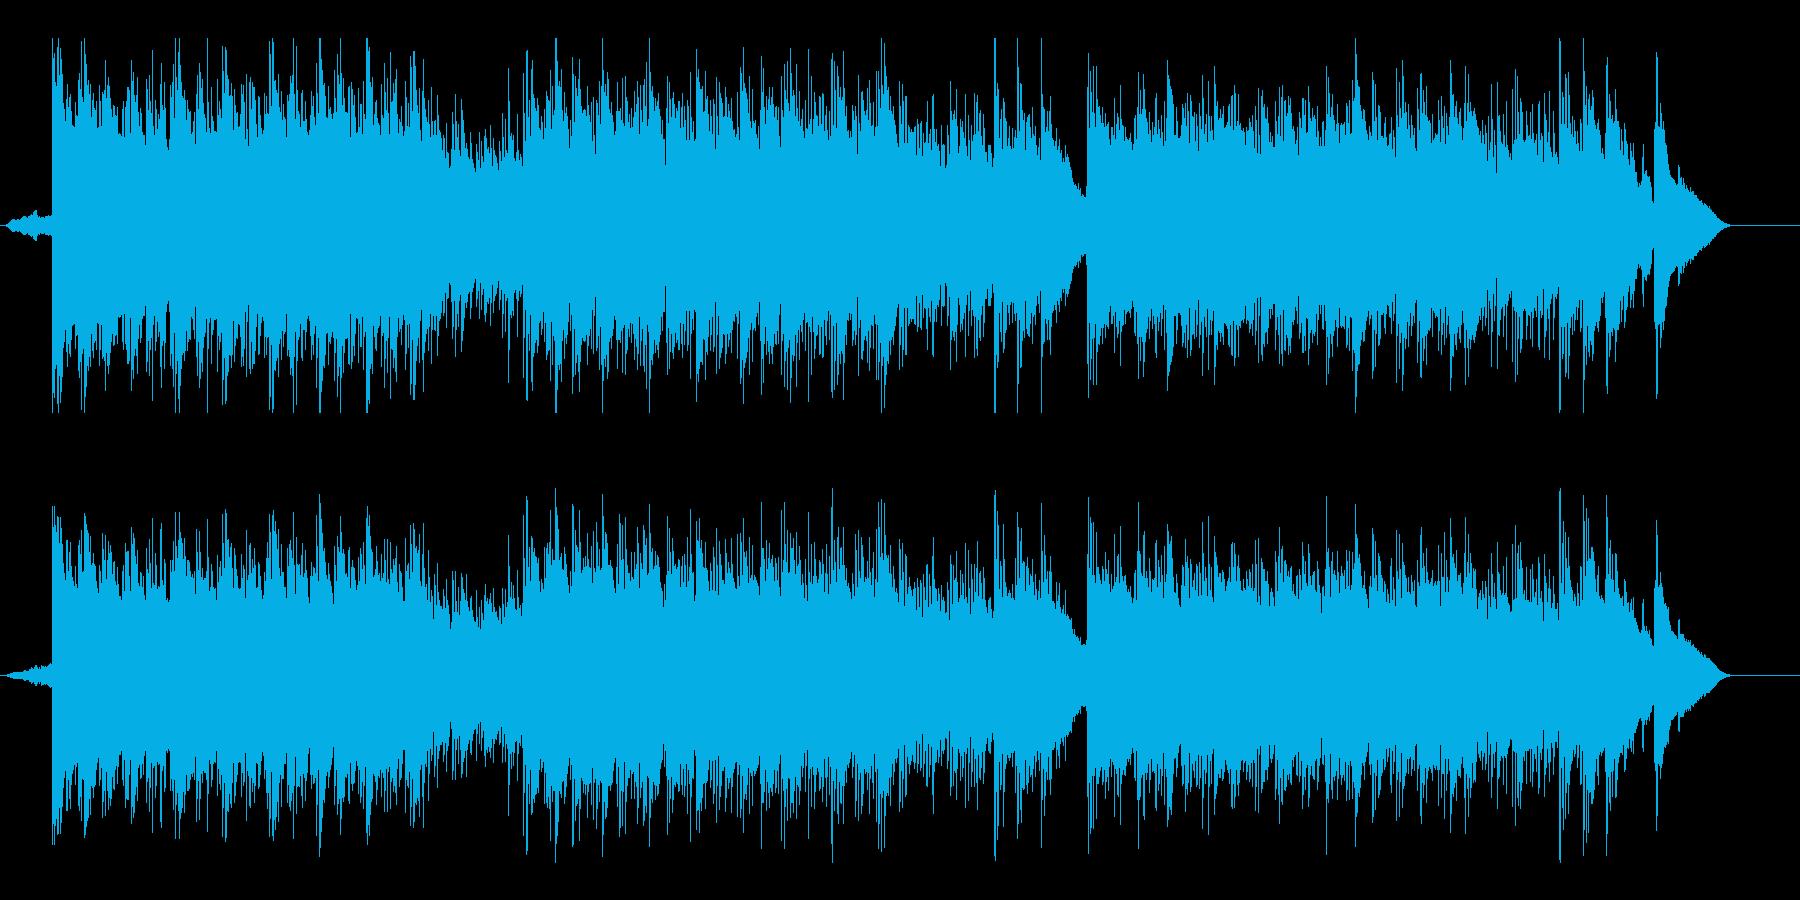 しっとり リラックス ほのぼの 優しいの再生済みの波形